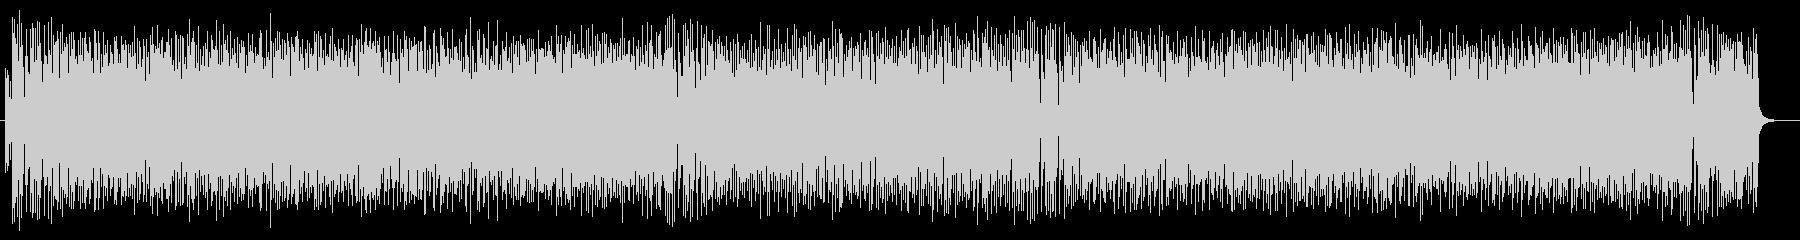 コミカルかわいいシンセピアノサウンドの未再生の波形